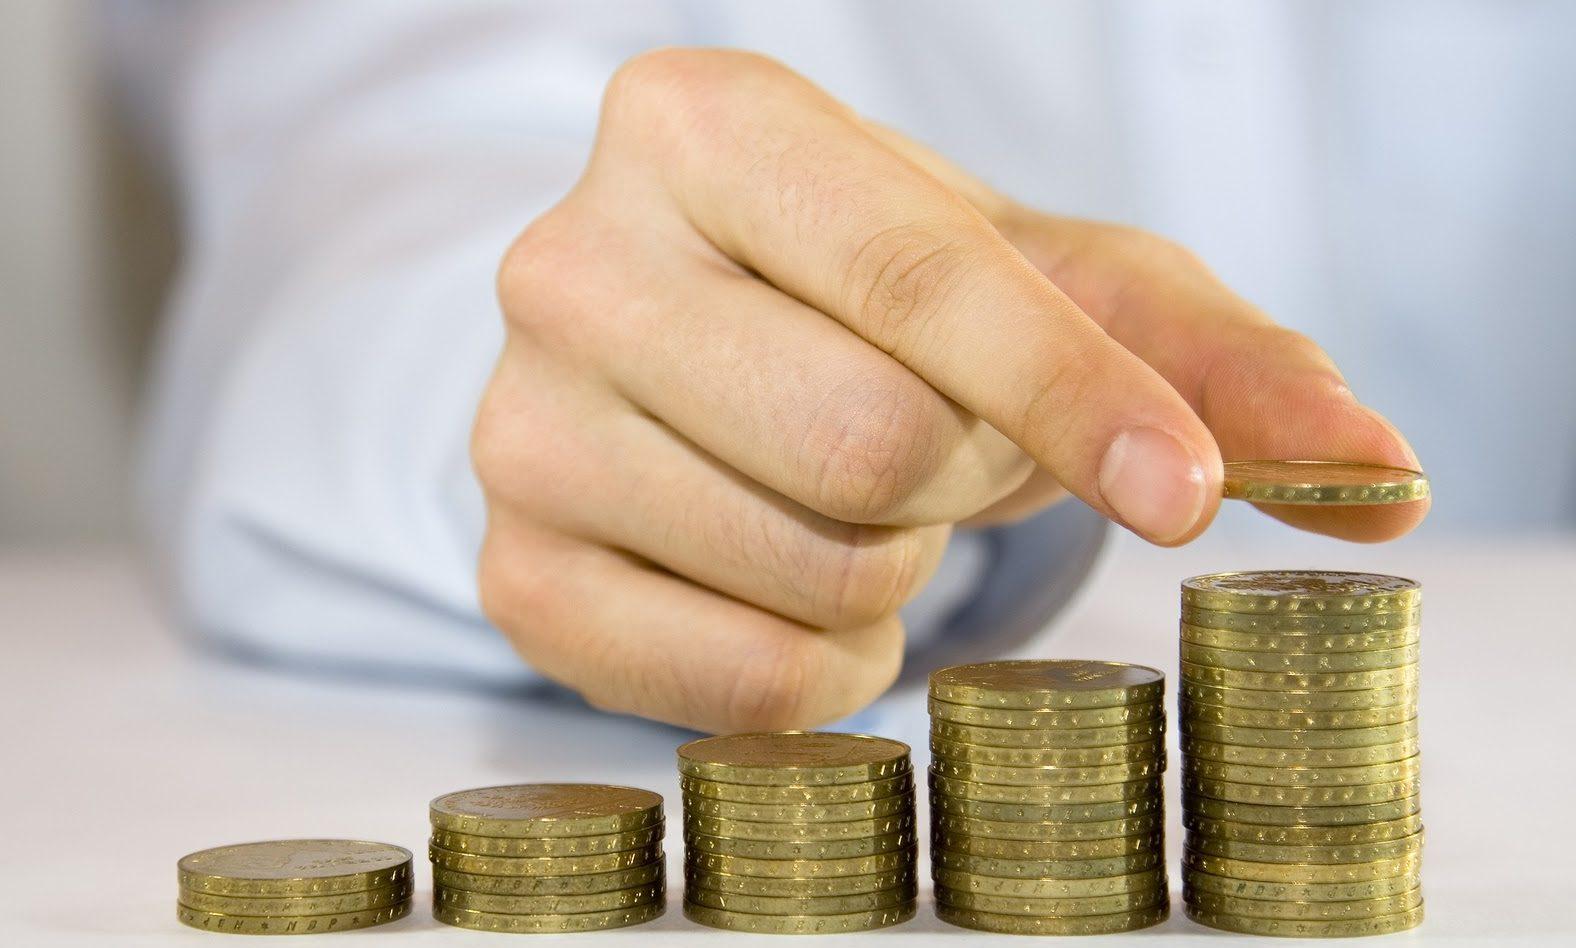 Hogyan Lehet Pénzt Keresni Pénznyerő Automatákban | Casino jatek letoltes ingyen